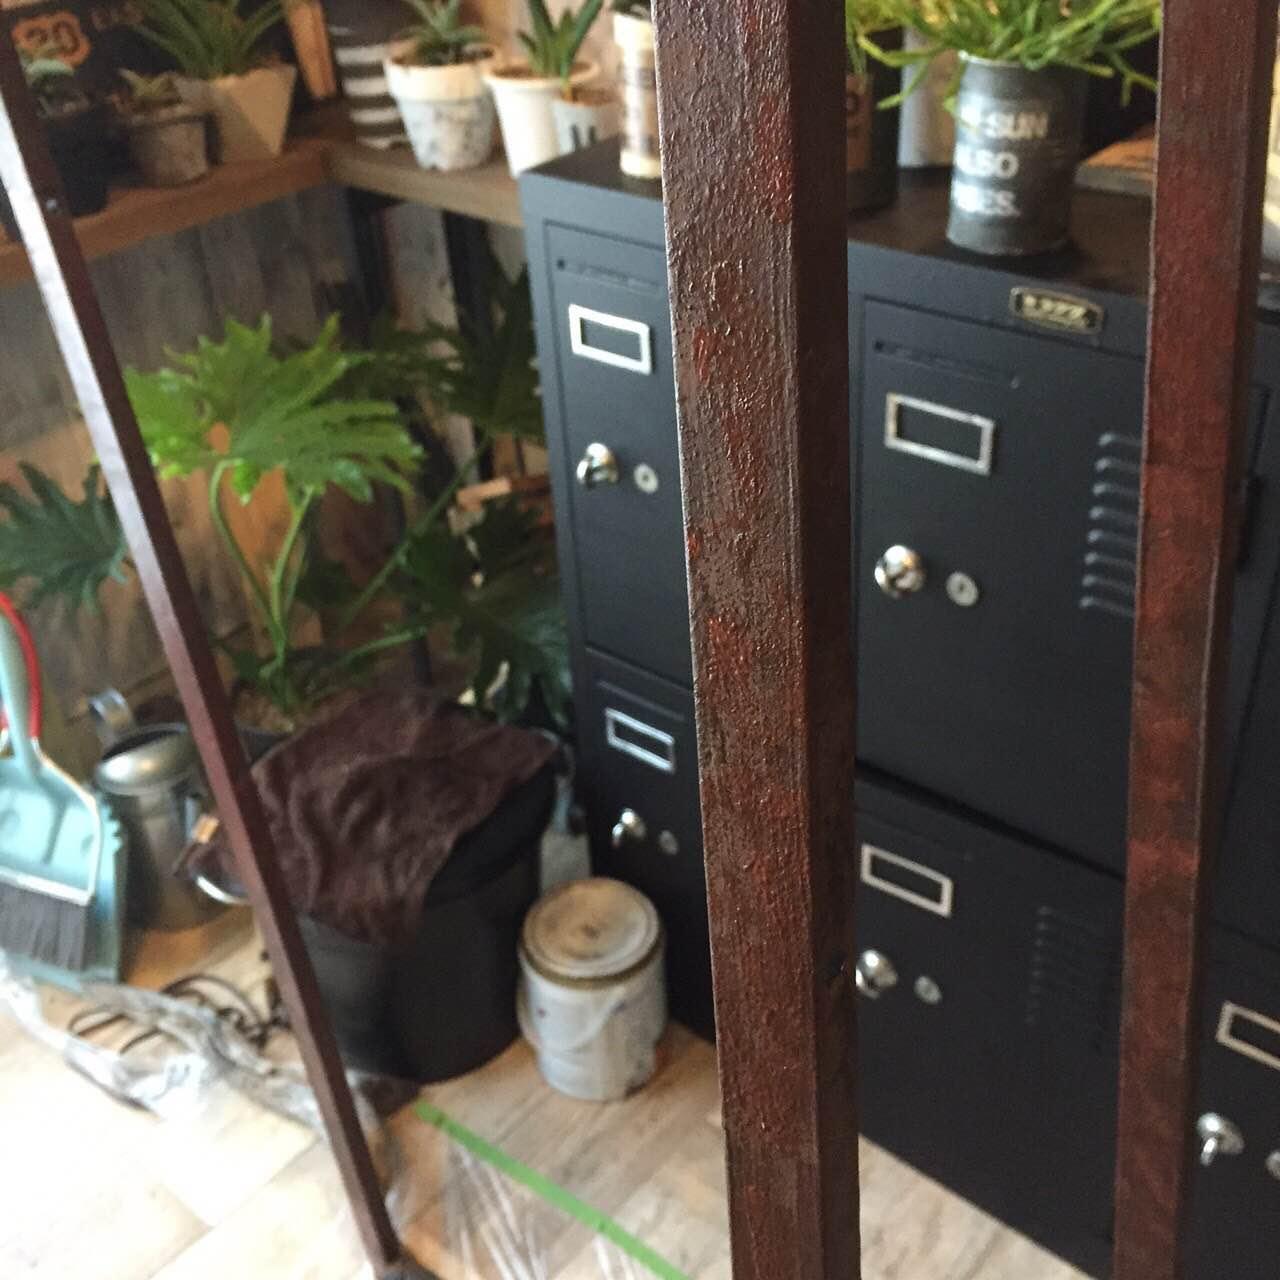 IKEAの棚であるLERBERGを植物を飾るグリーンラックにDIY_2